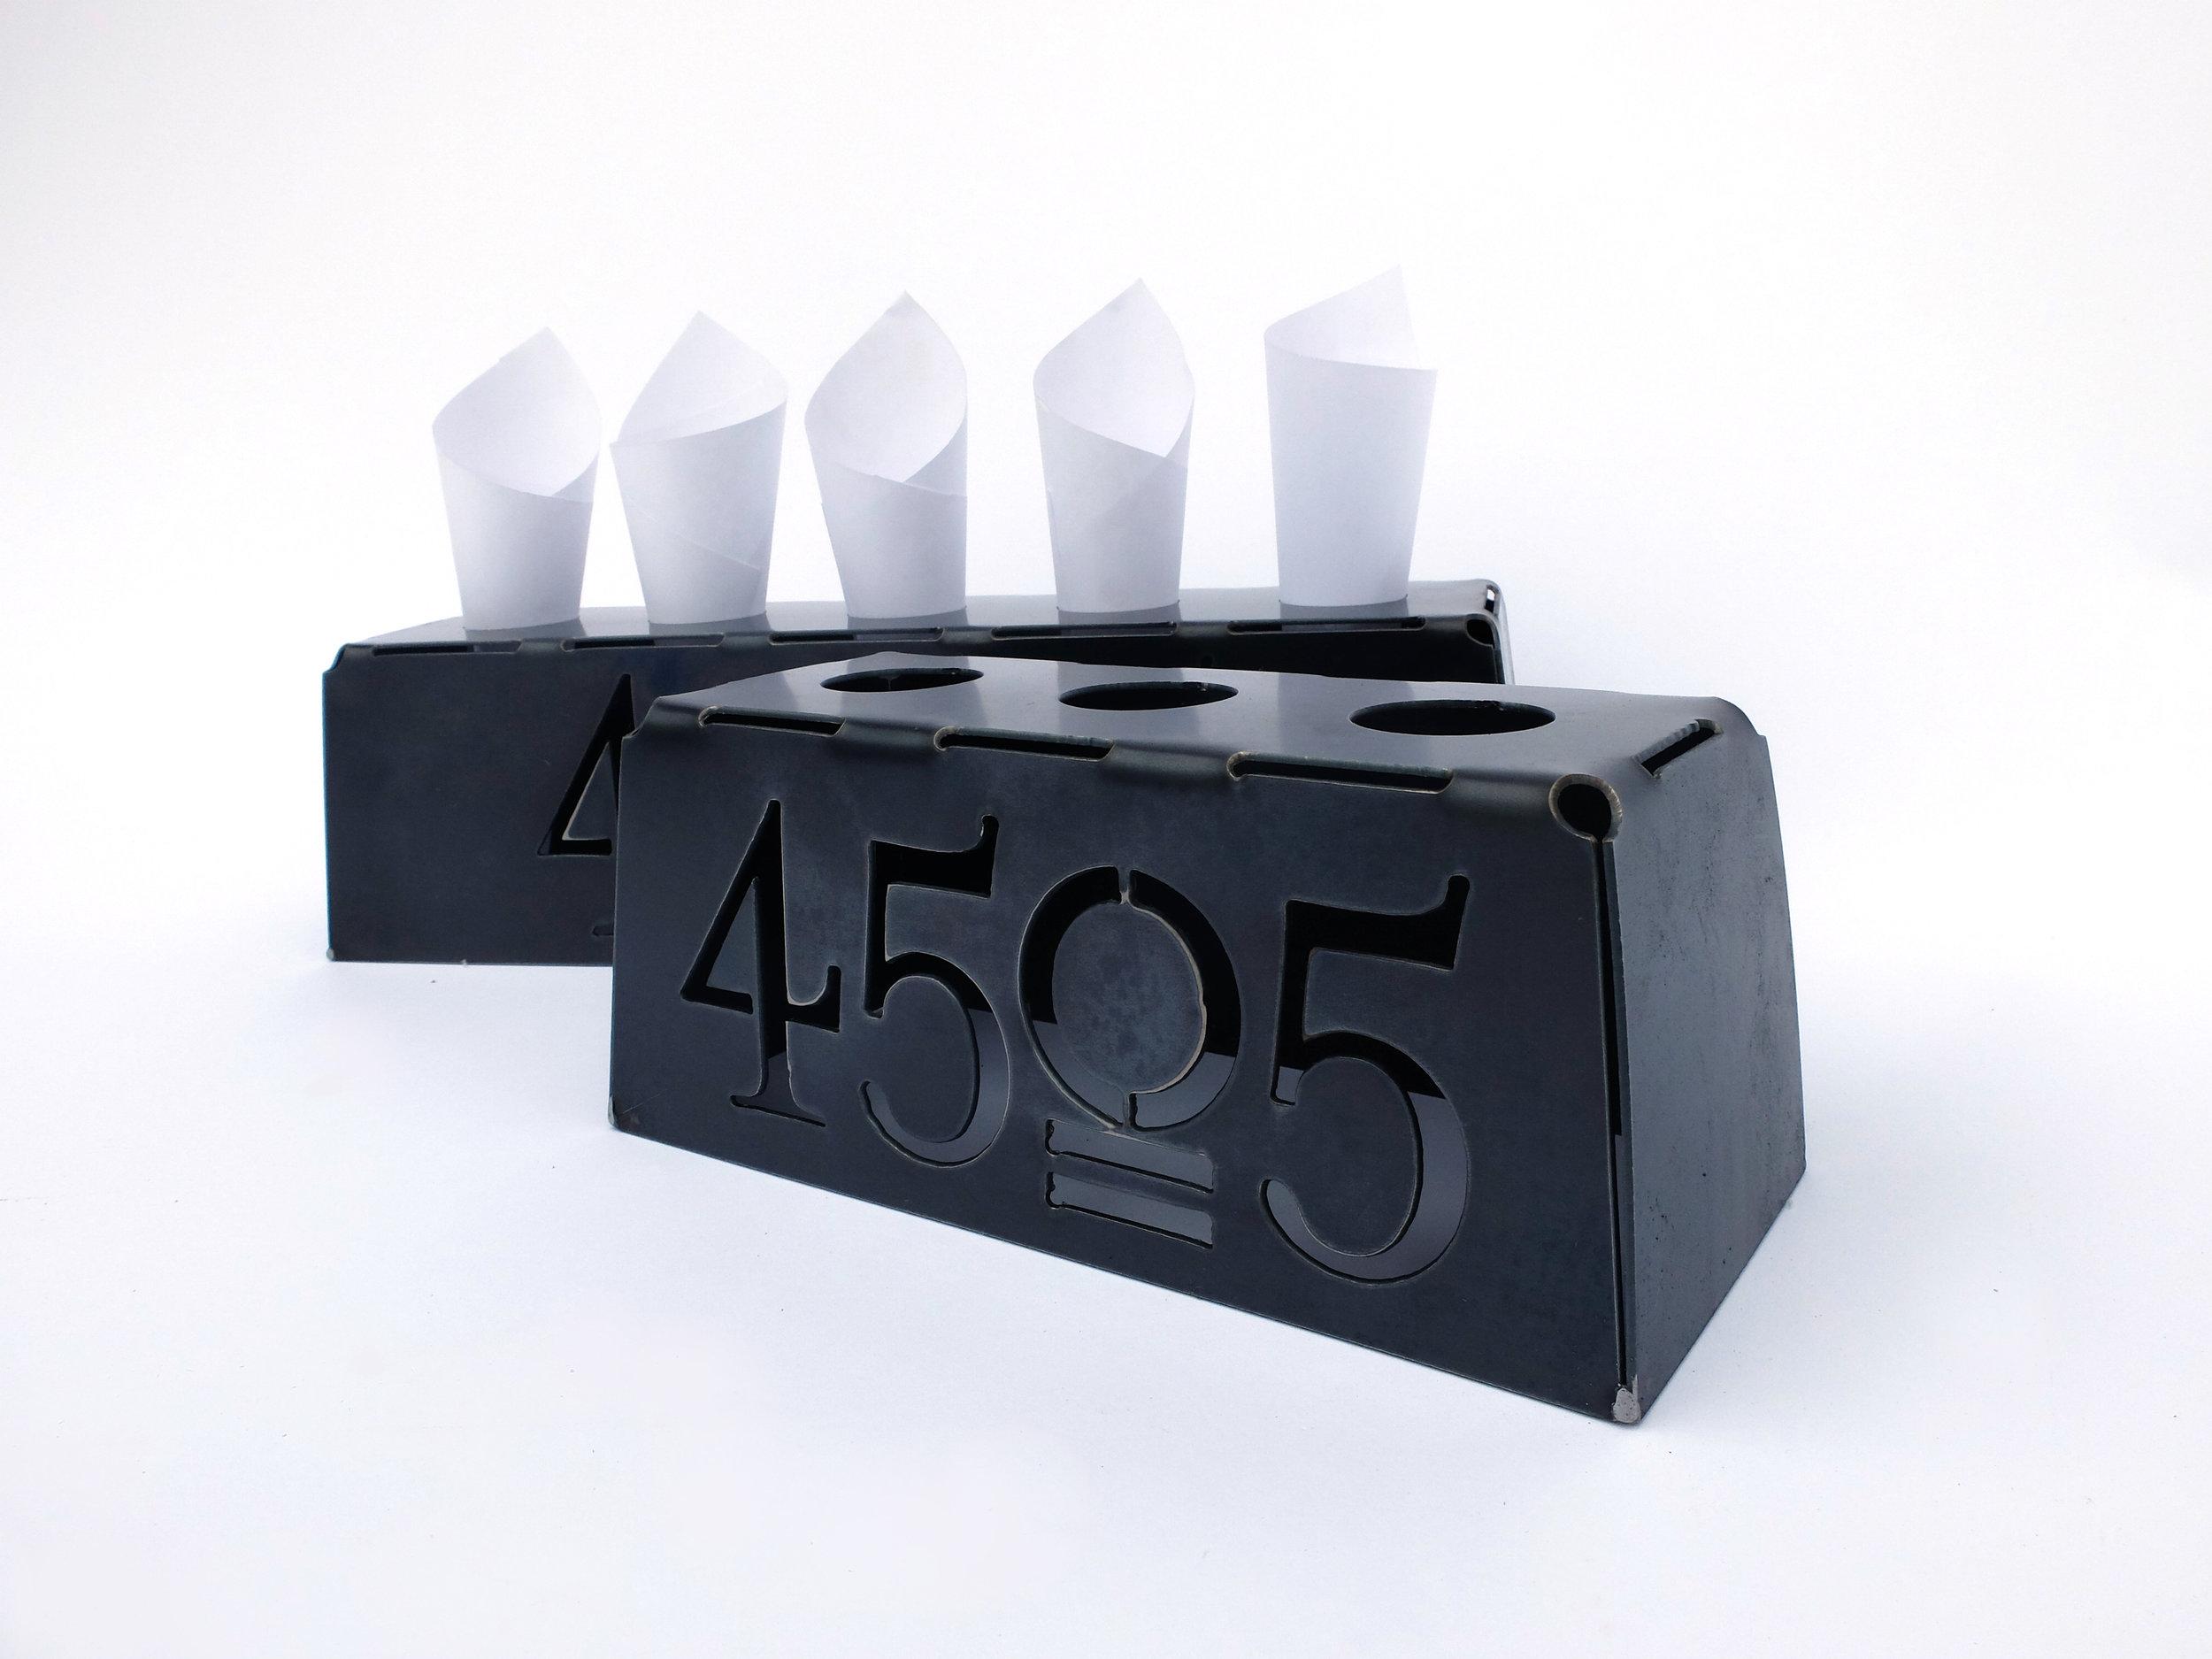 4505ChicharroneHolder01.jpg